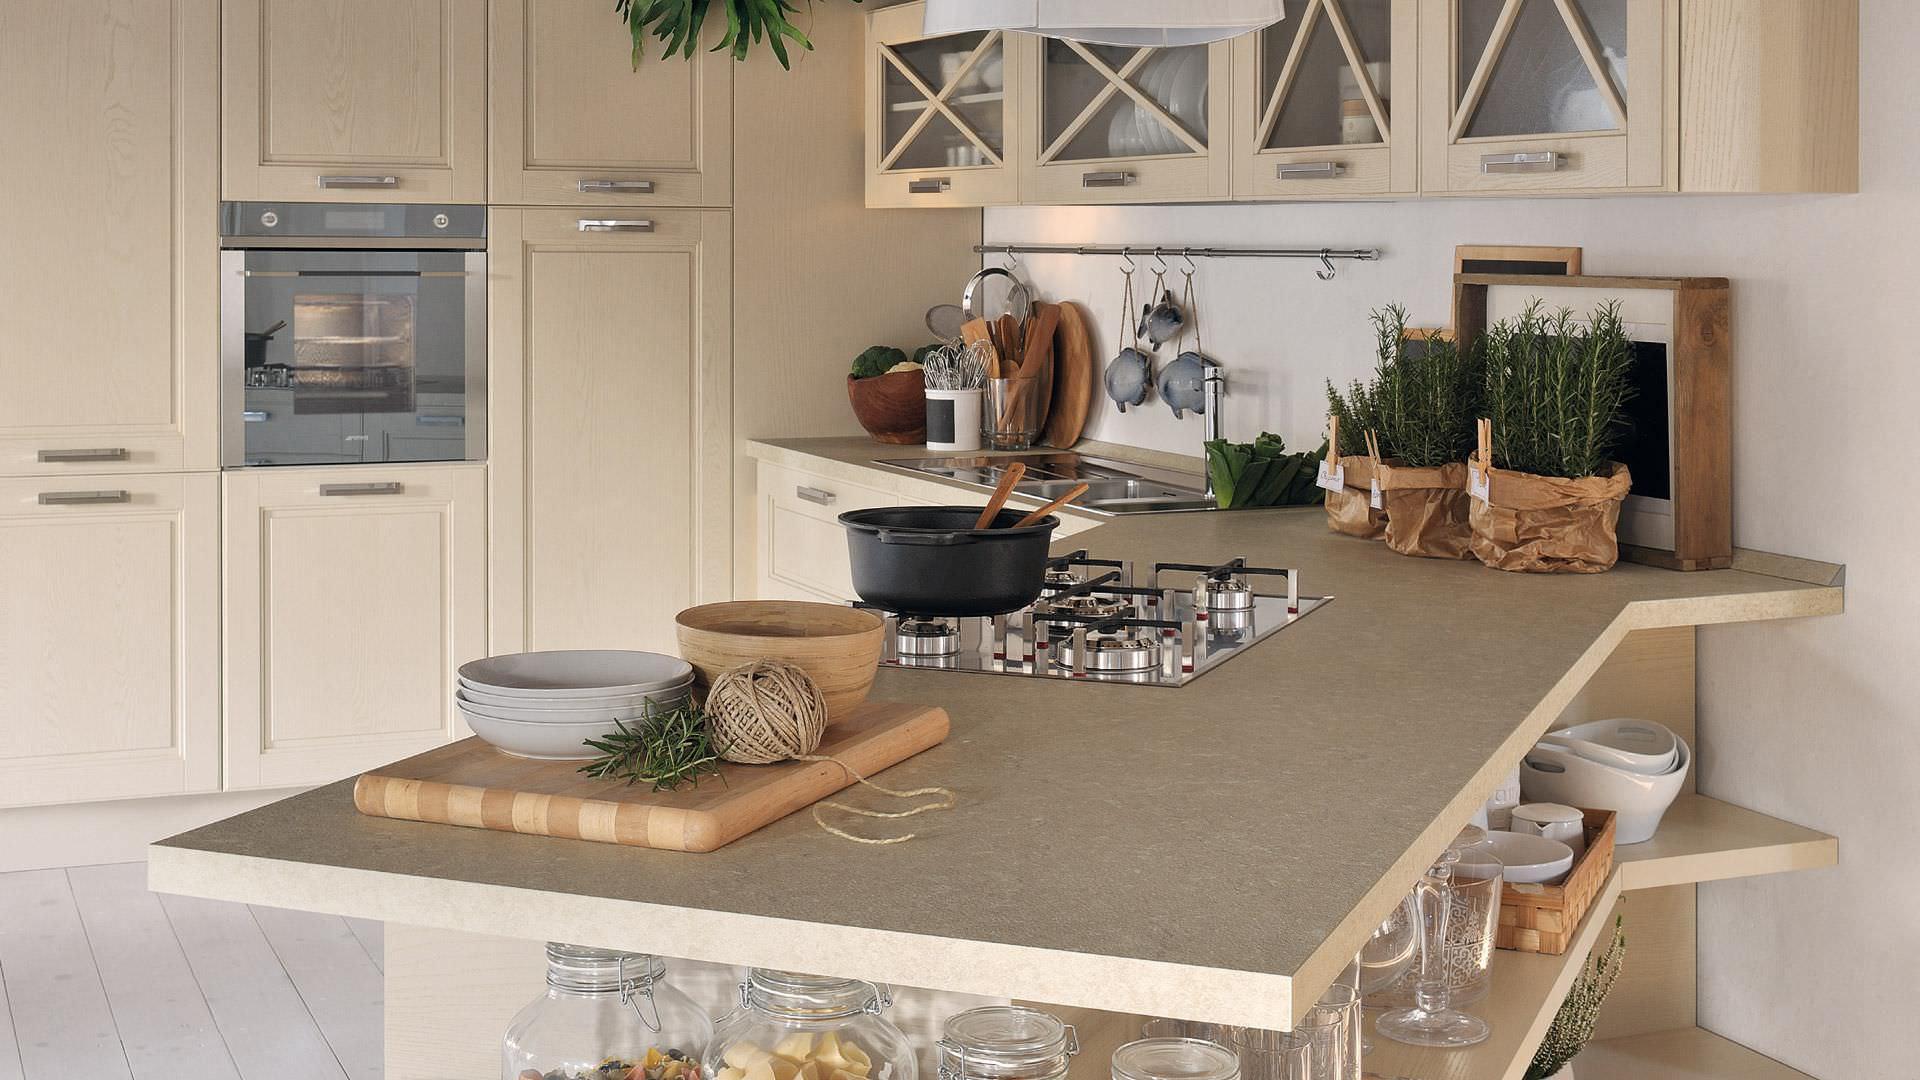 Классическая кухня из цельной древесины с ручками agnese